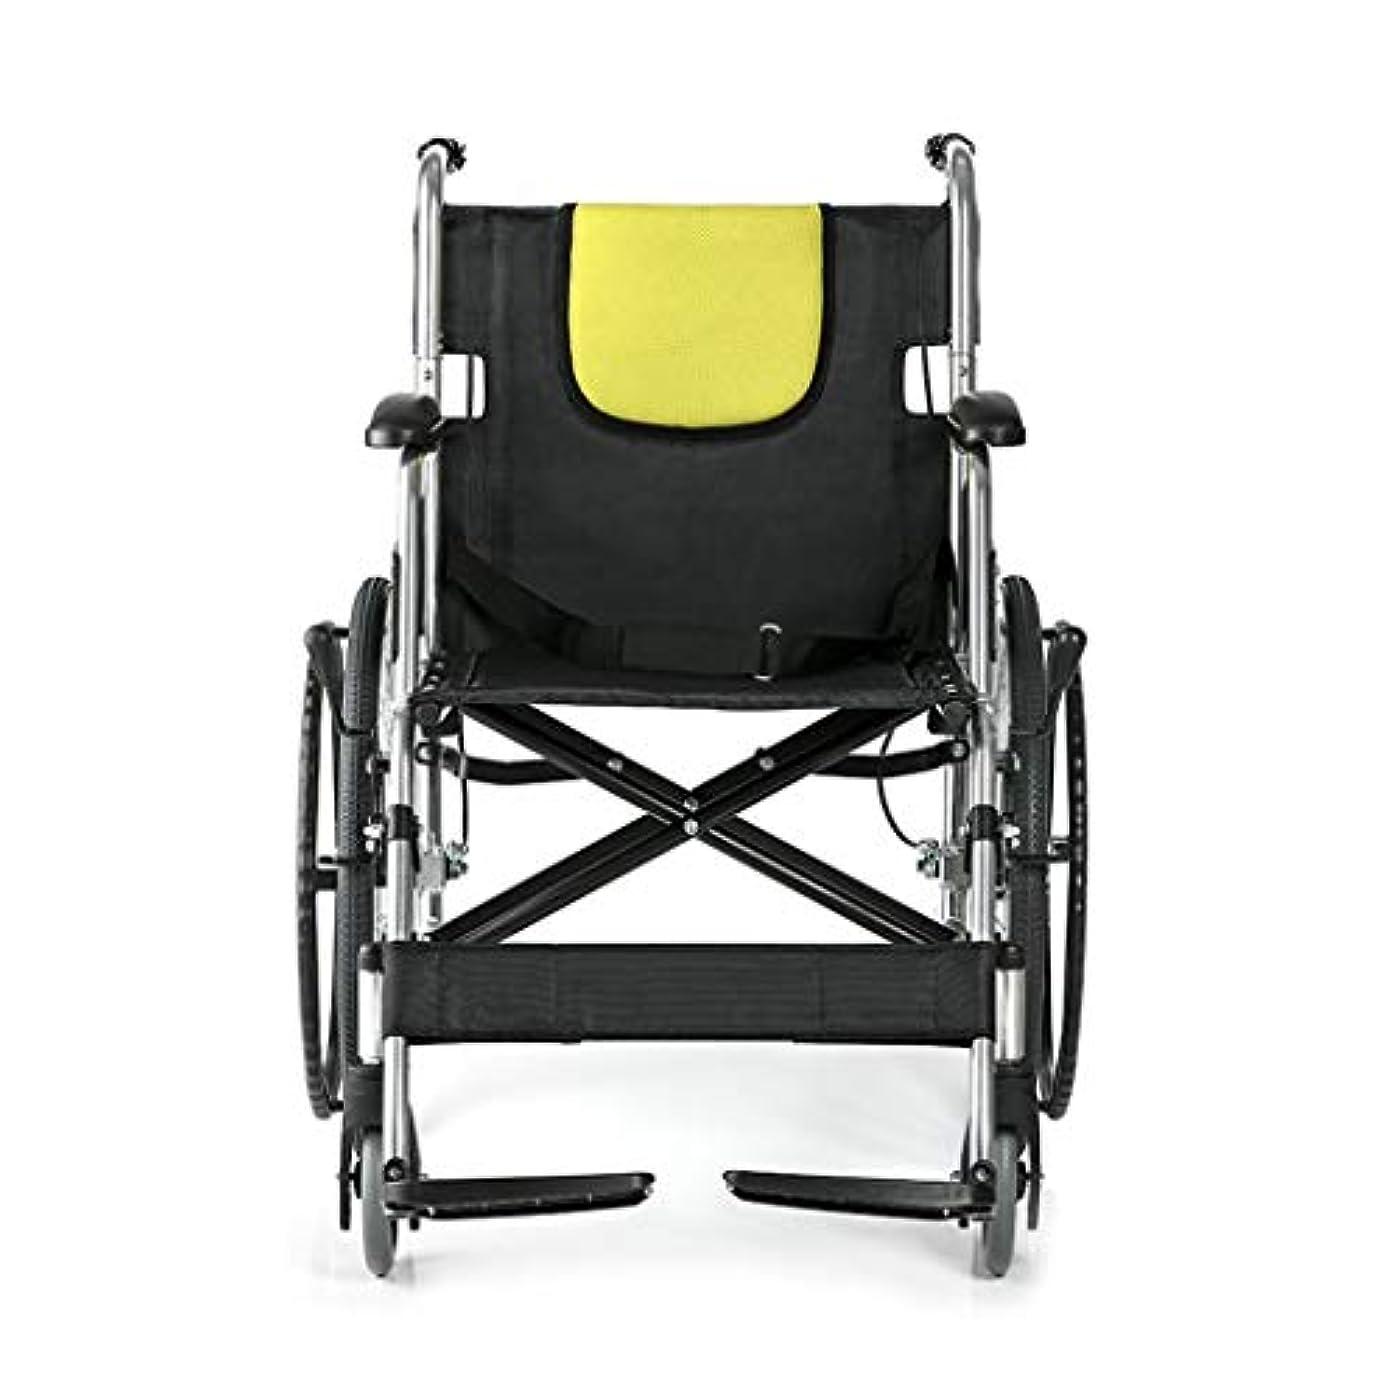 伝統ミシン耐える車椅子の老人は折り畳むことができ、障害者、高齢者、リハビリテーション患者向けの車椅子用に4つのブレーキが設計されています